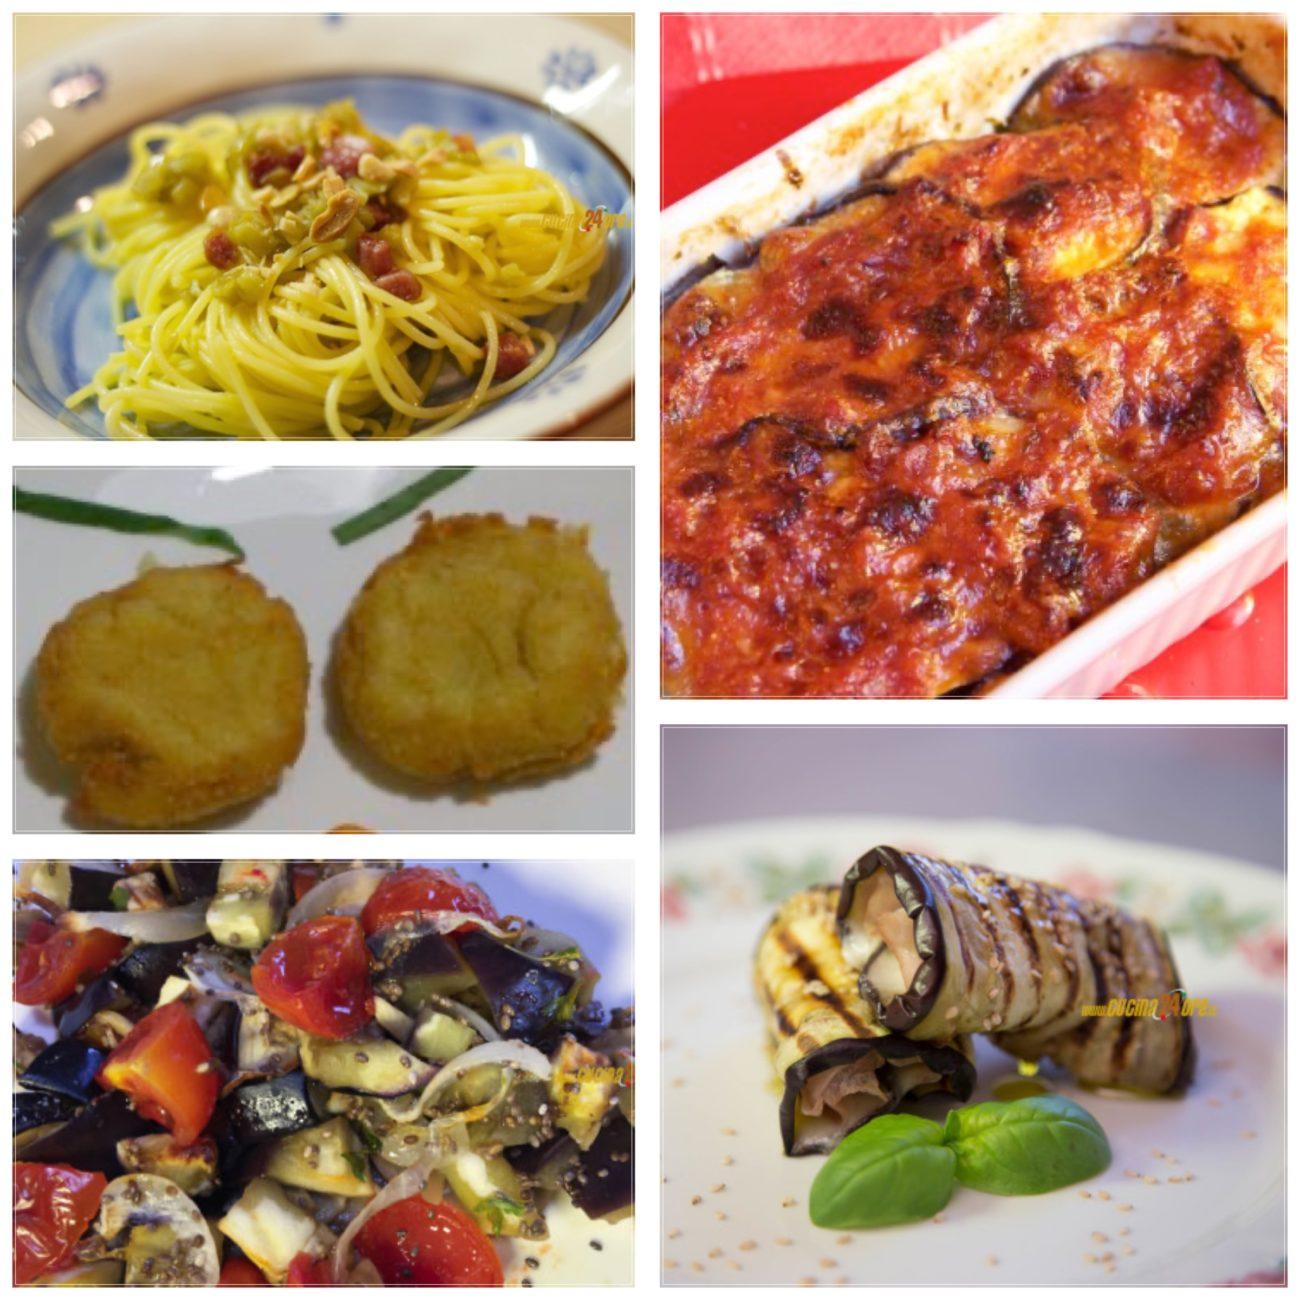 5 Ricette Perfette con le Melanzane Senza Glutine: Involtini, Spaghetti e Parmigiana